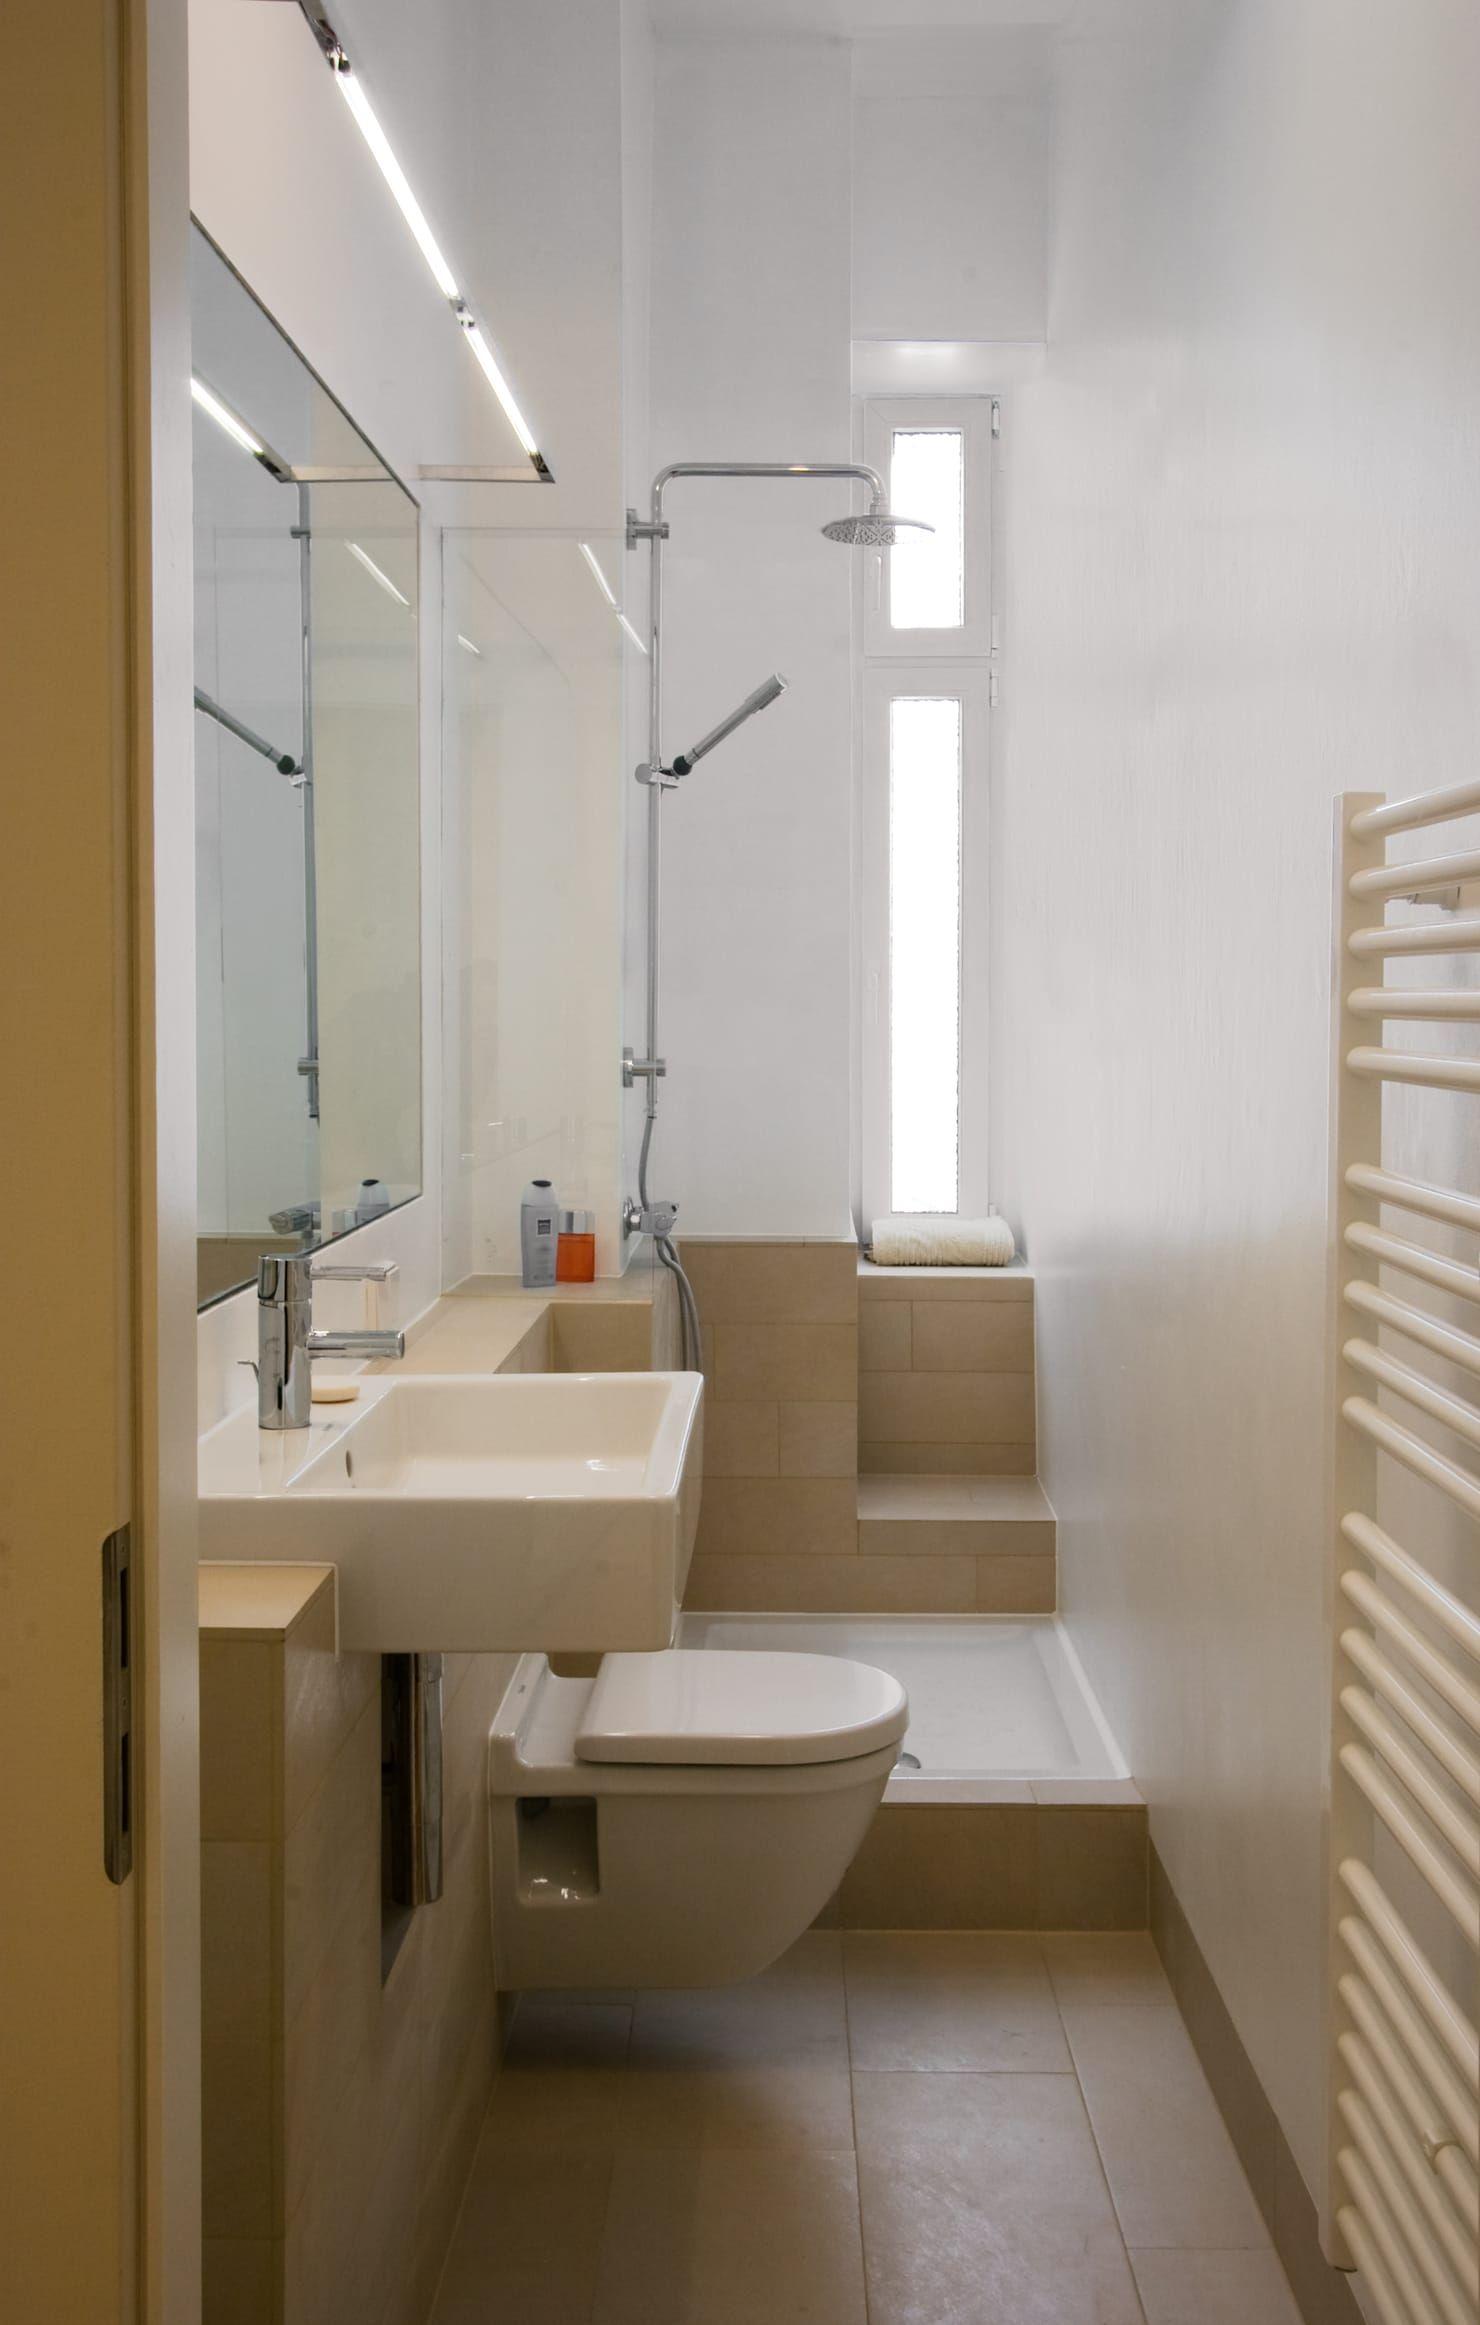 Bad Moderne Badezimmer Von Nickel Architekten Modern Badezimmer Klein Kleine Badezimmer Und Schmales Badezimmer